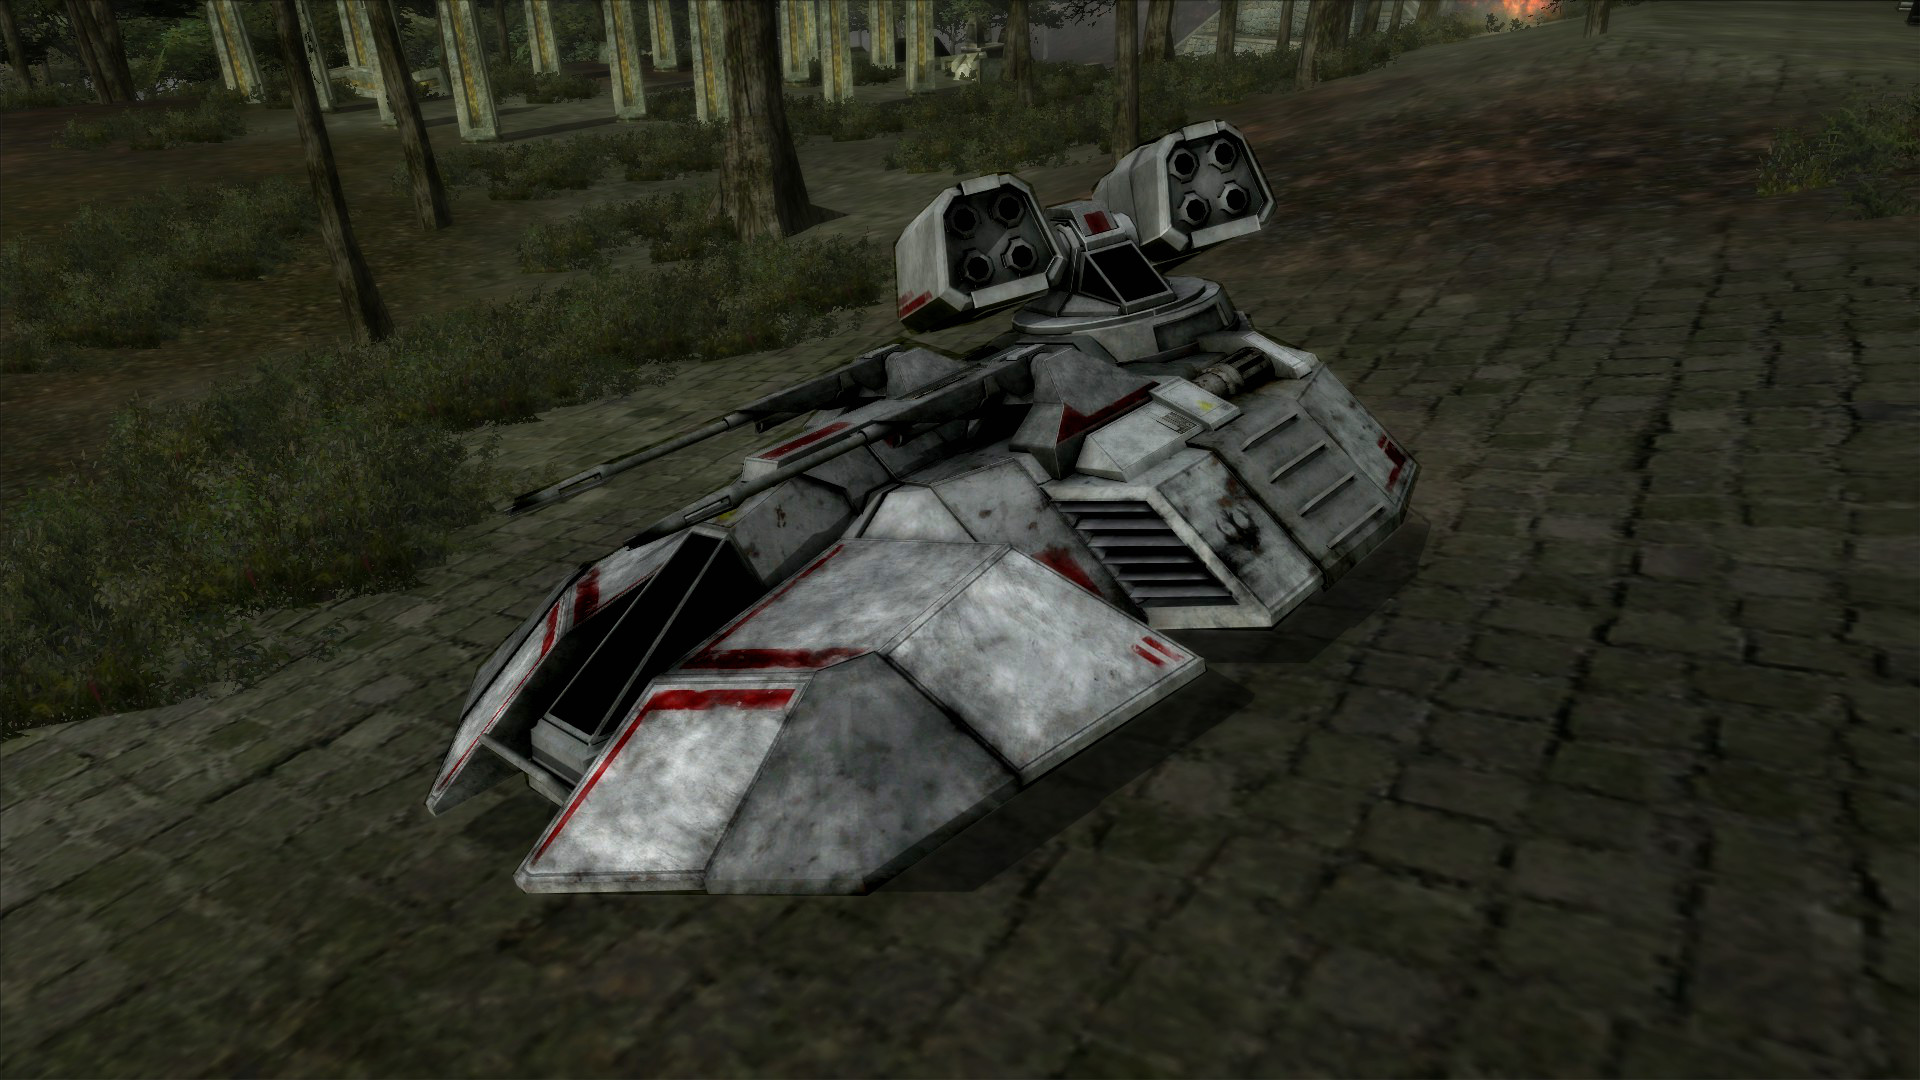 SWBF 3 Hover tank